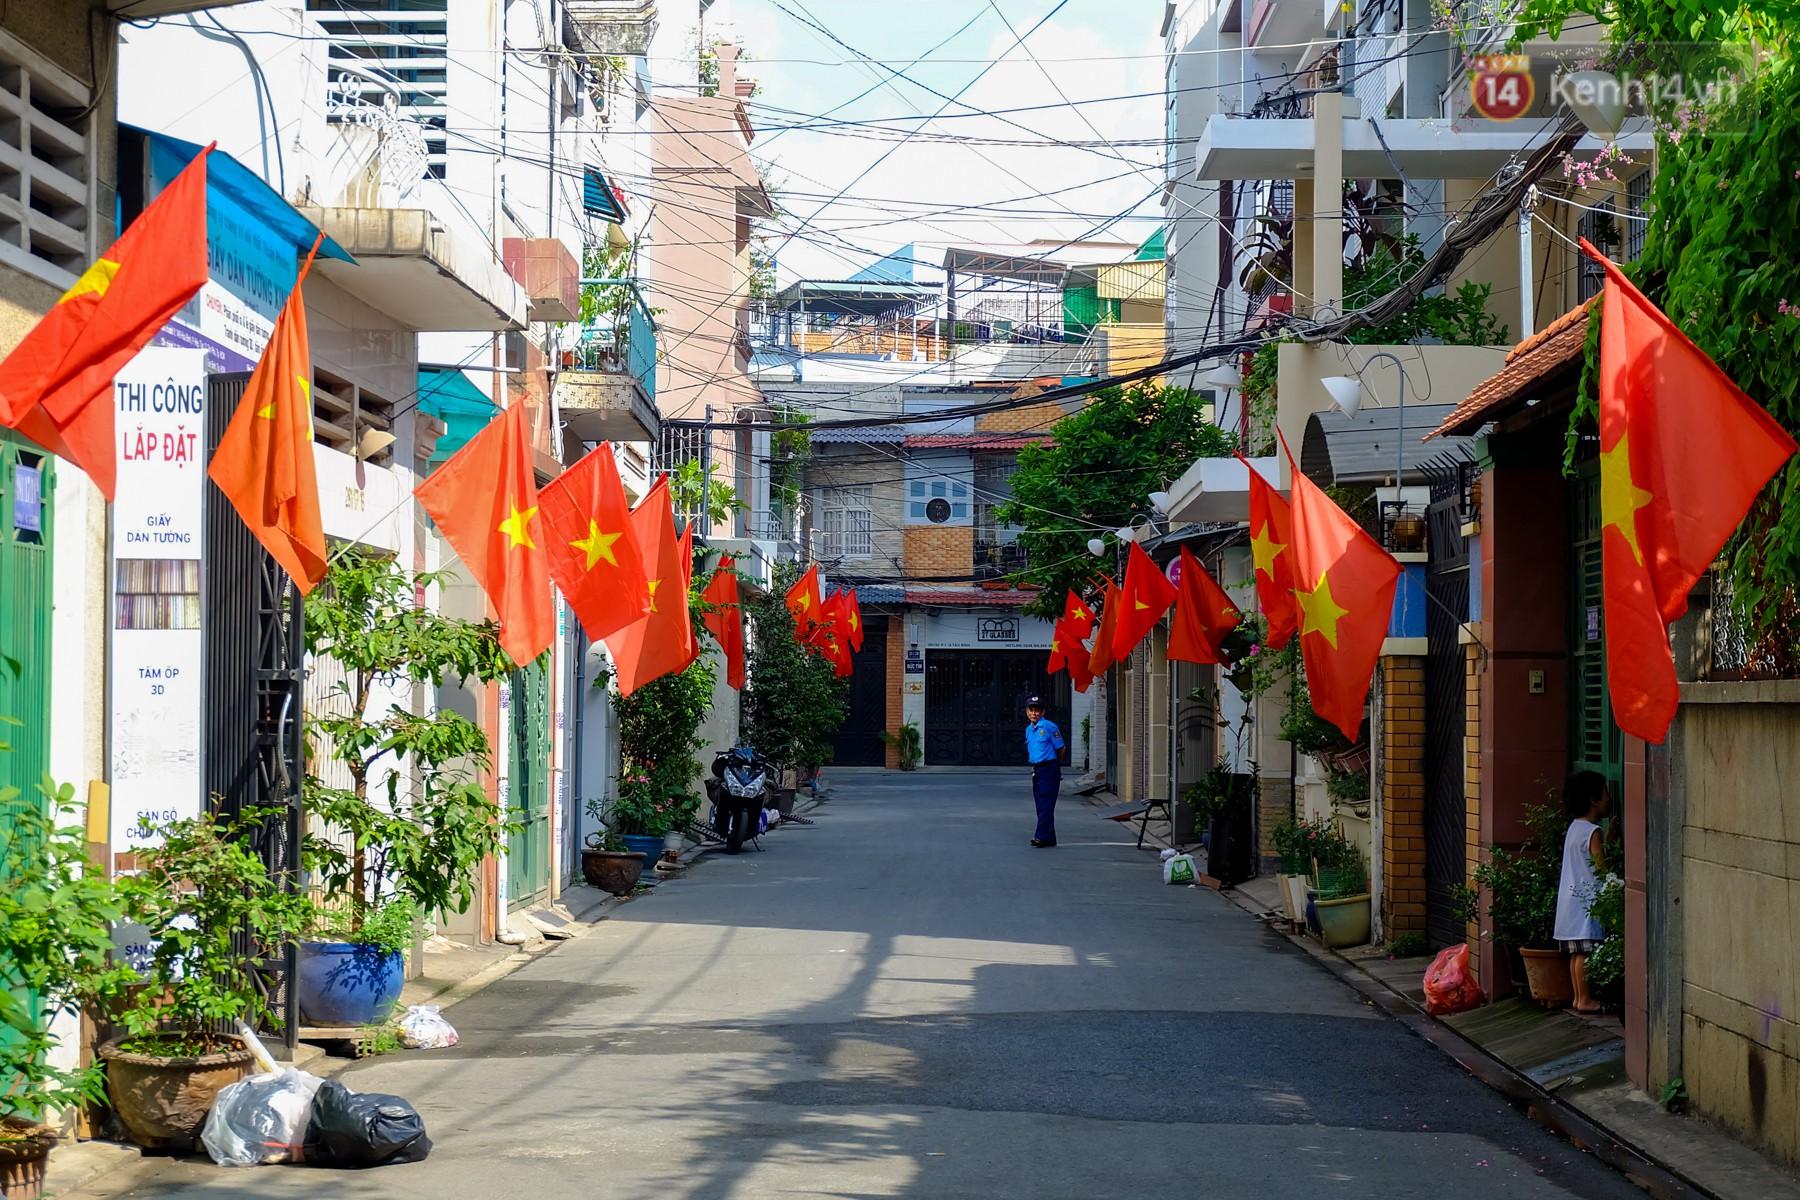 Chùm ảnh: Những ngày này, có một Sài Gòn tĩnh lặng lạ thường khi người dân đã rủ nhau đi trốn - Ảnh 11.